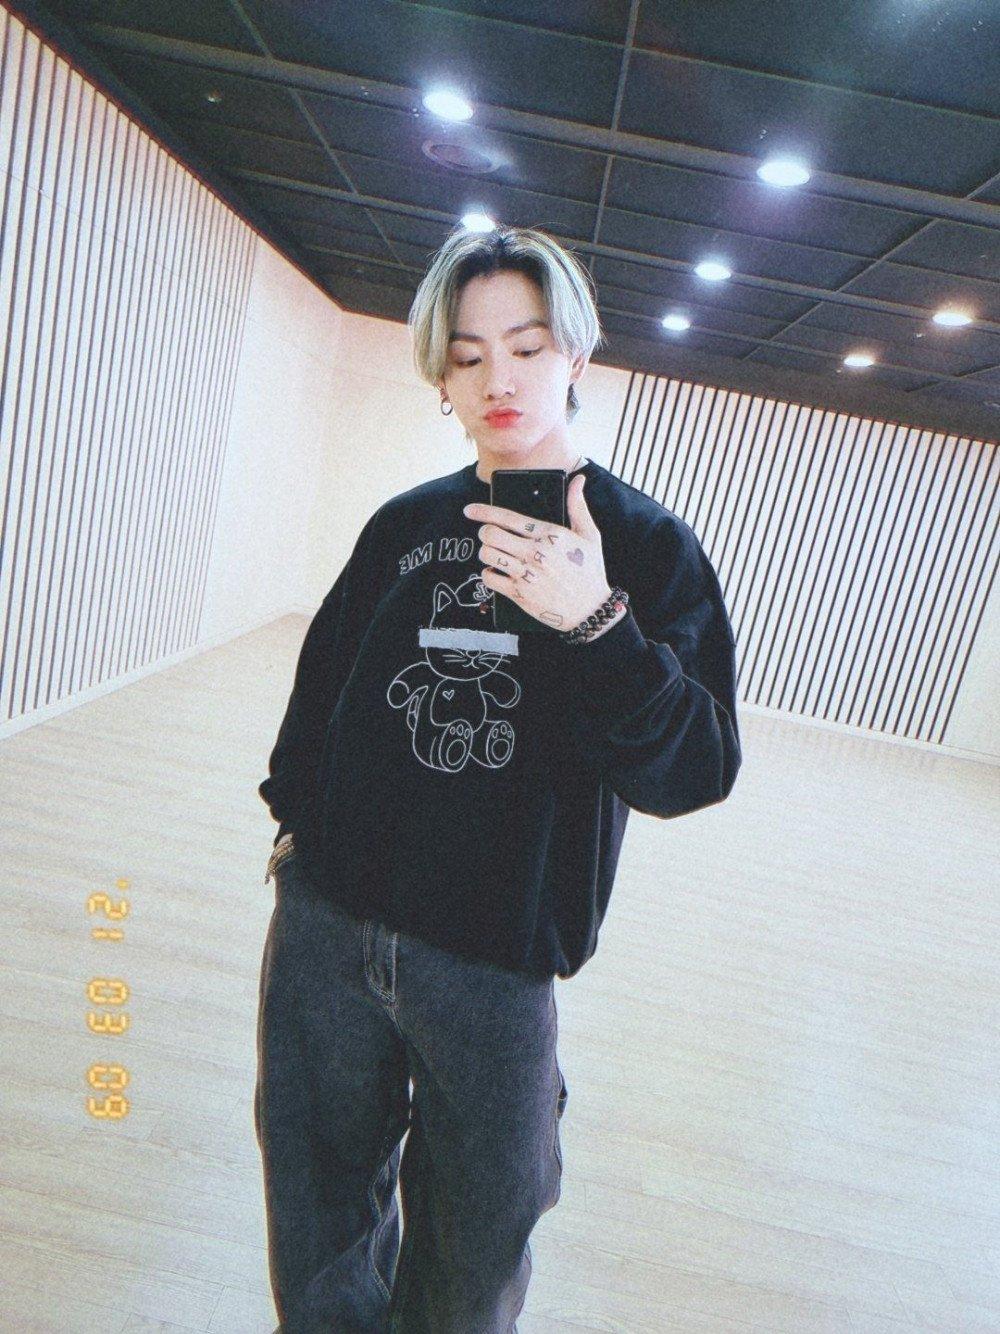 jungkook selfie